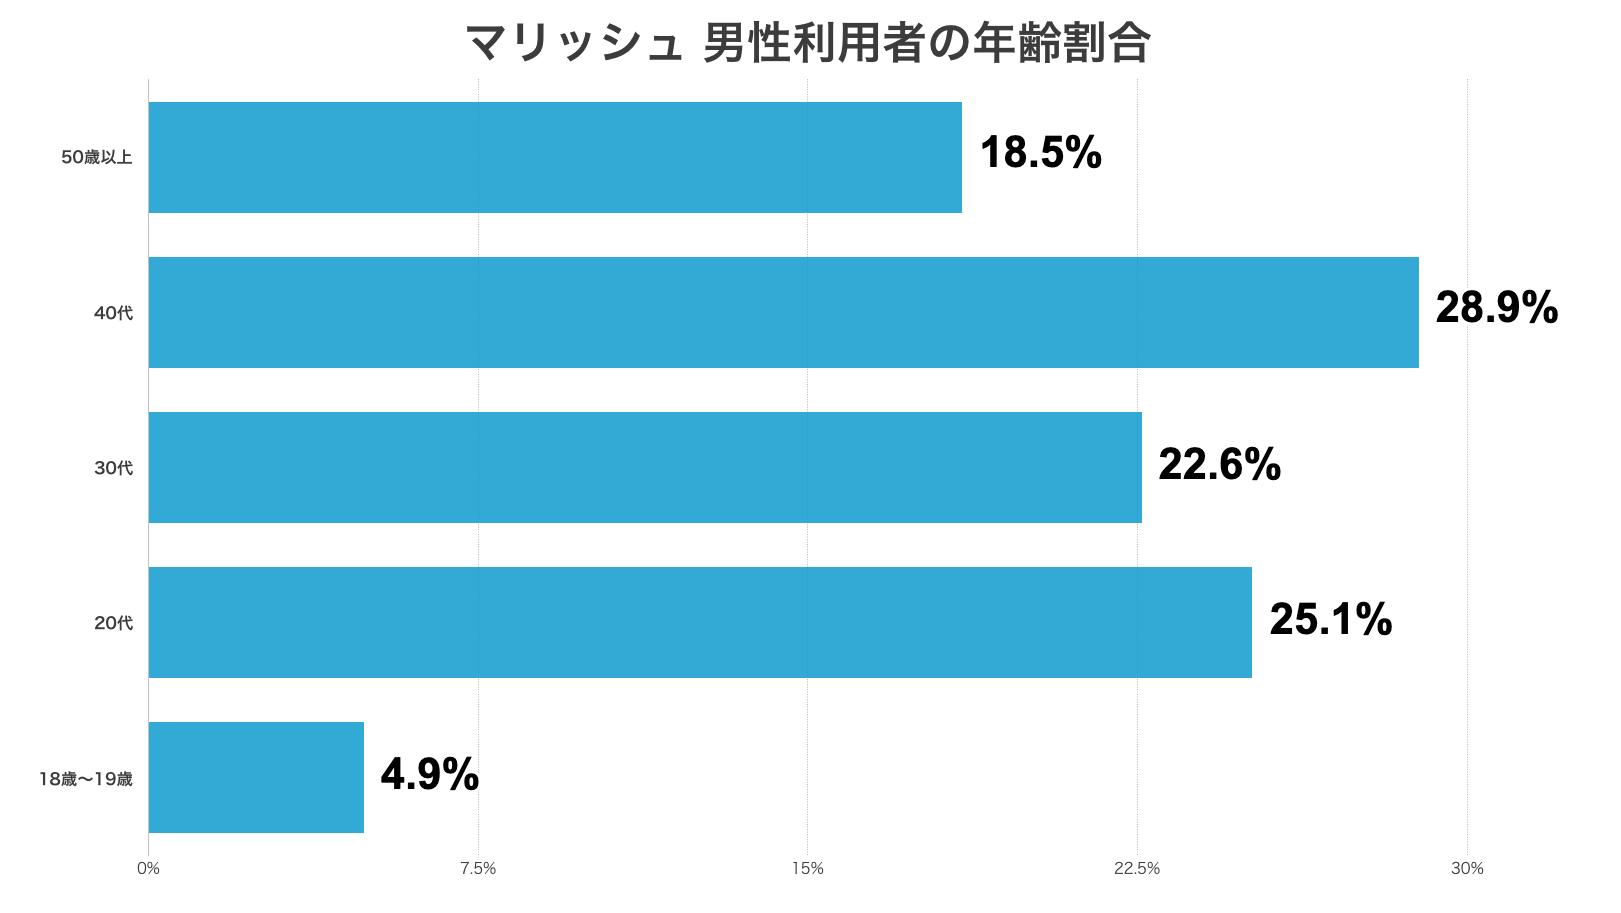 マリッシュ男性利用者の年齢割合